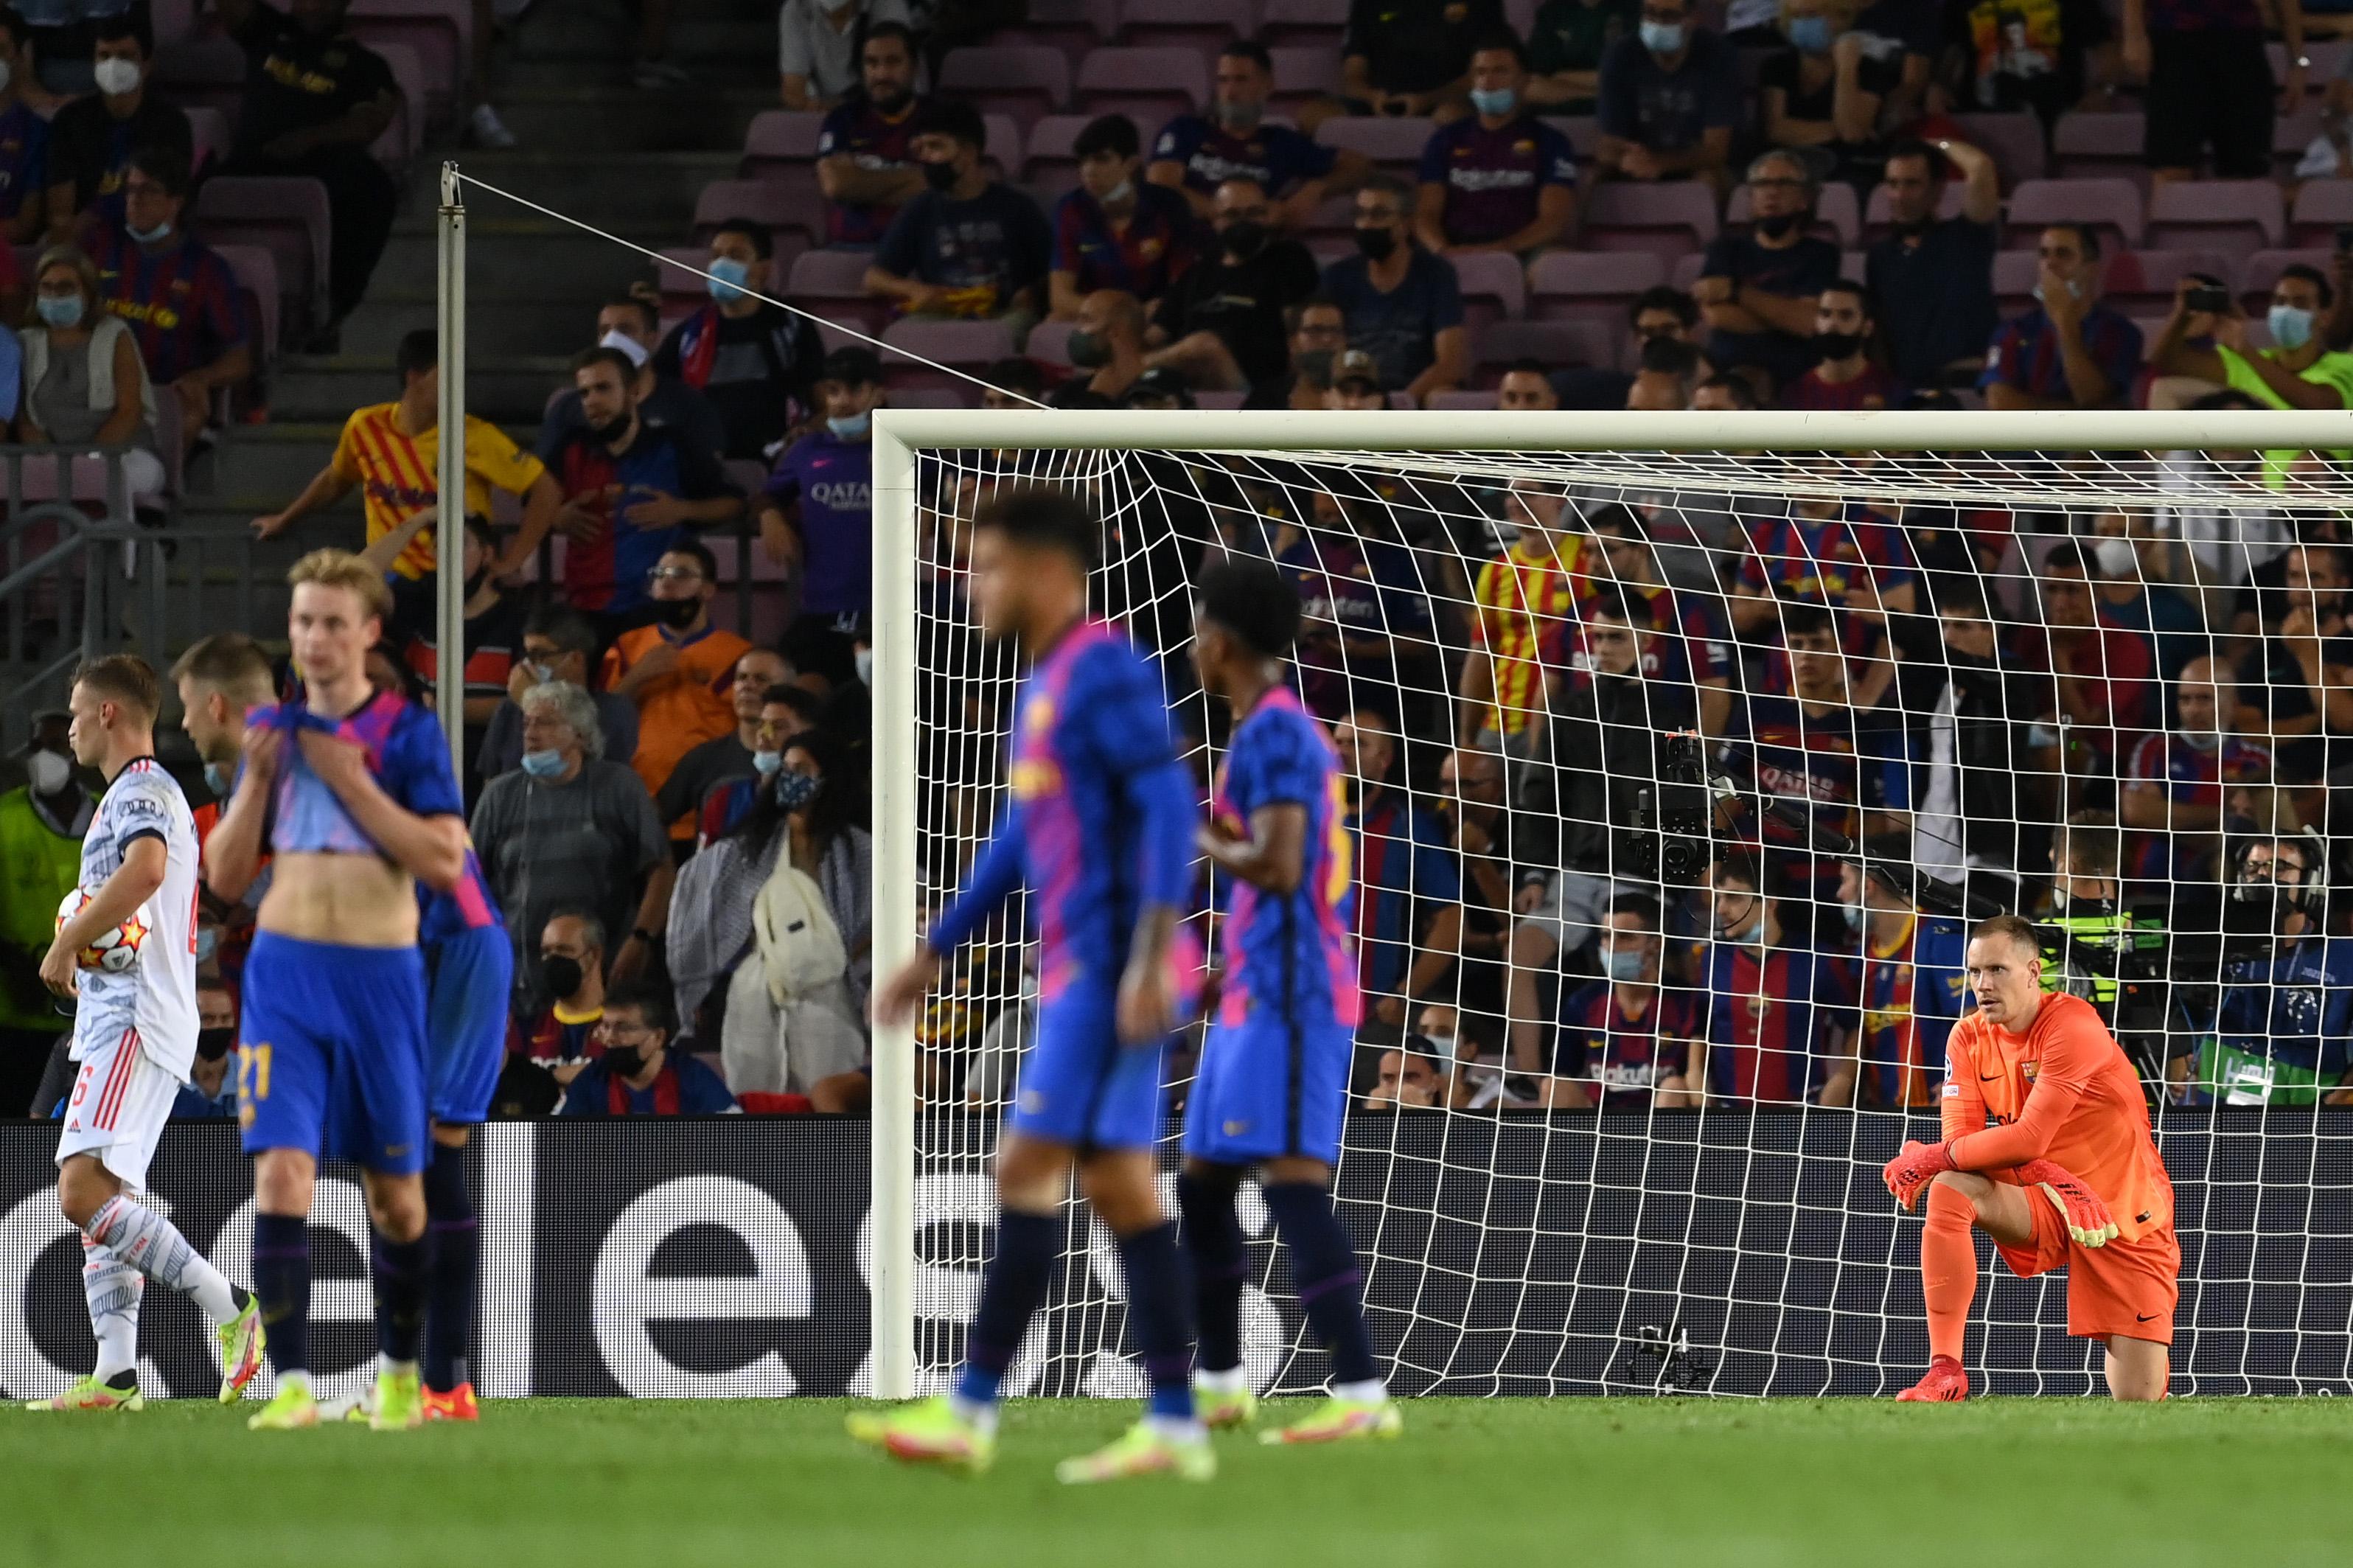 Barcelona - Bayern 0-3. Rușine istorică pentru catalani, la primul meci fără șut pe poartă. În august 2020 a fost 2-8